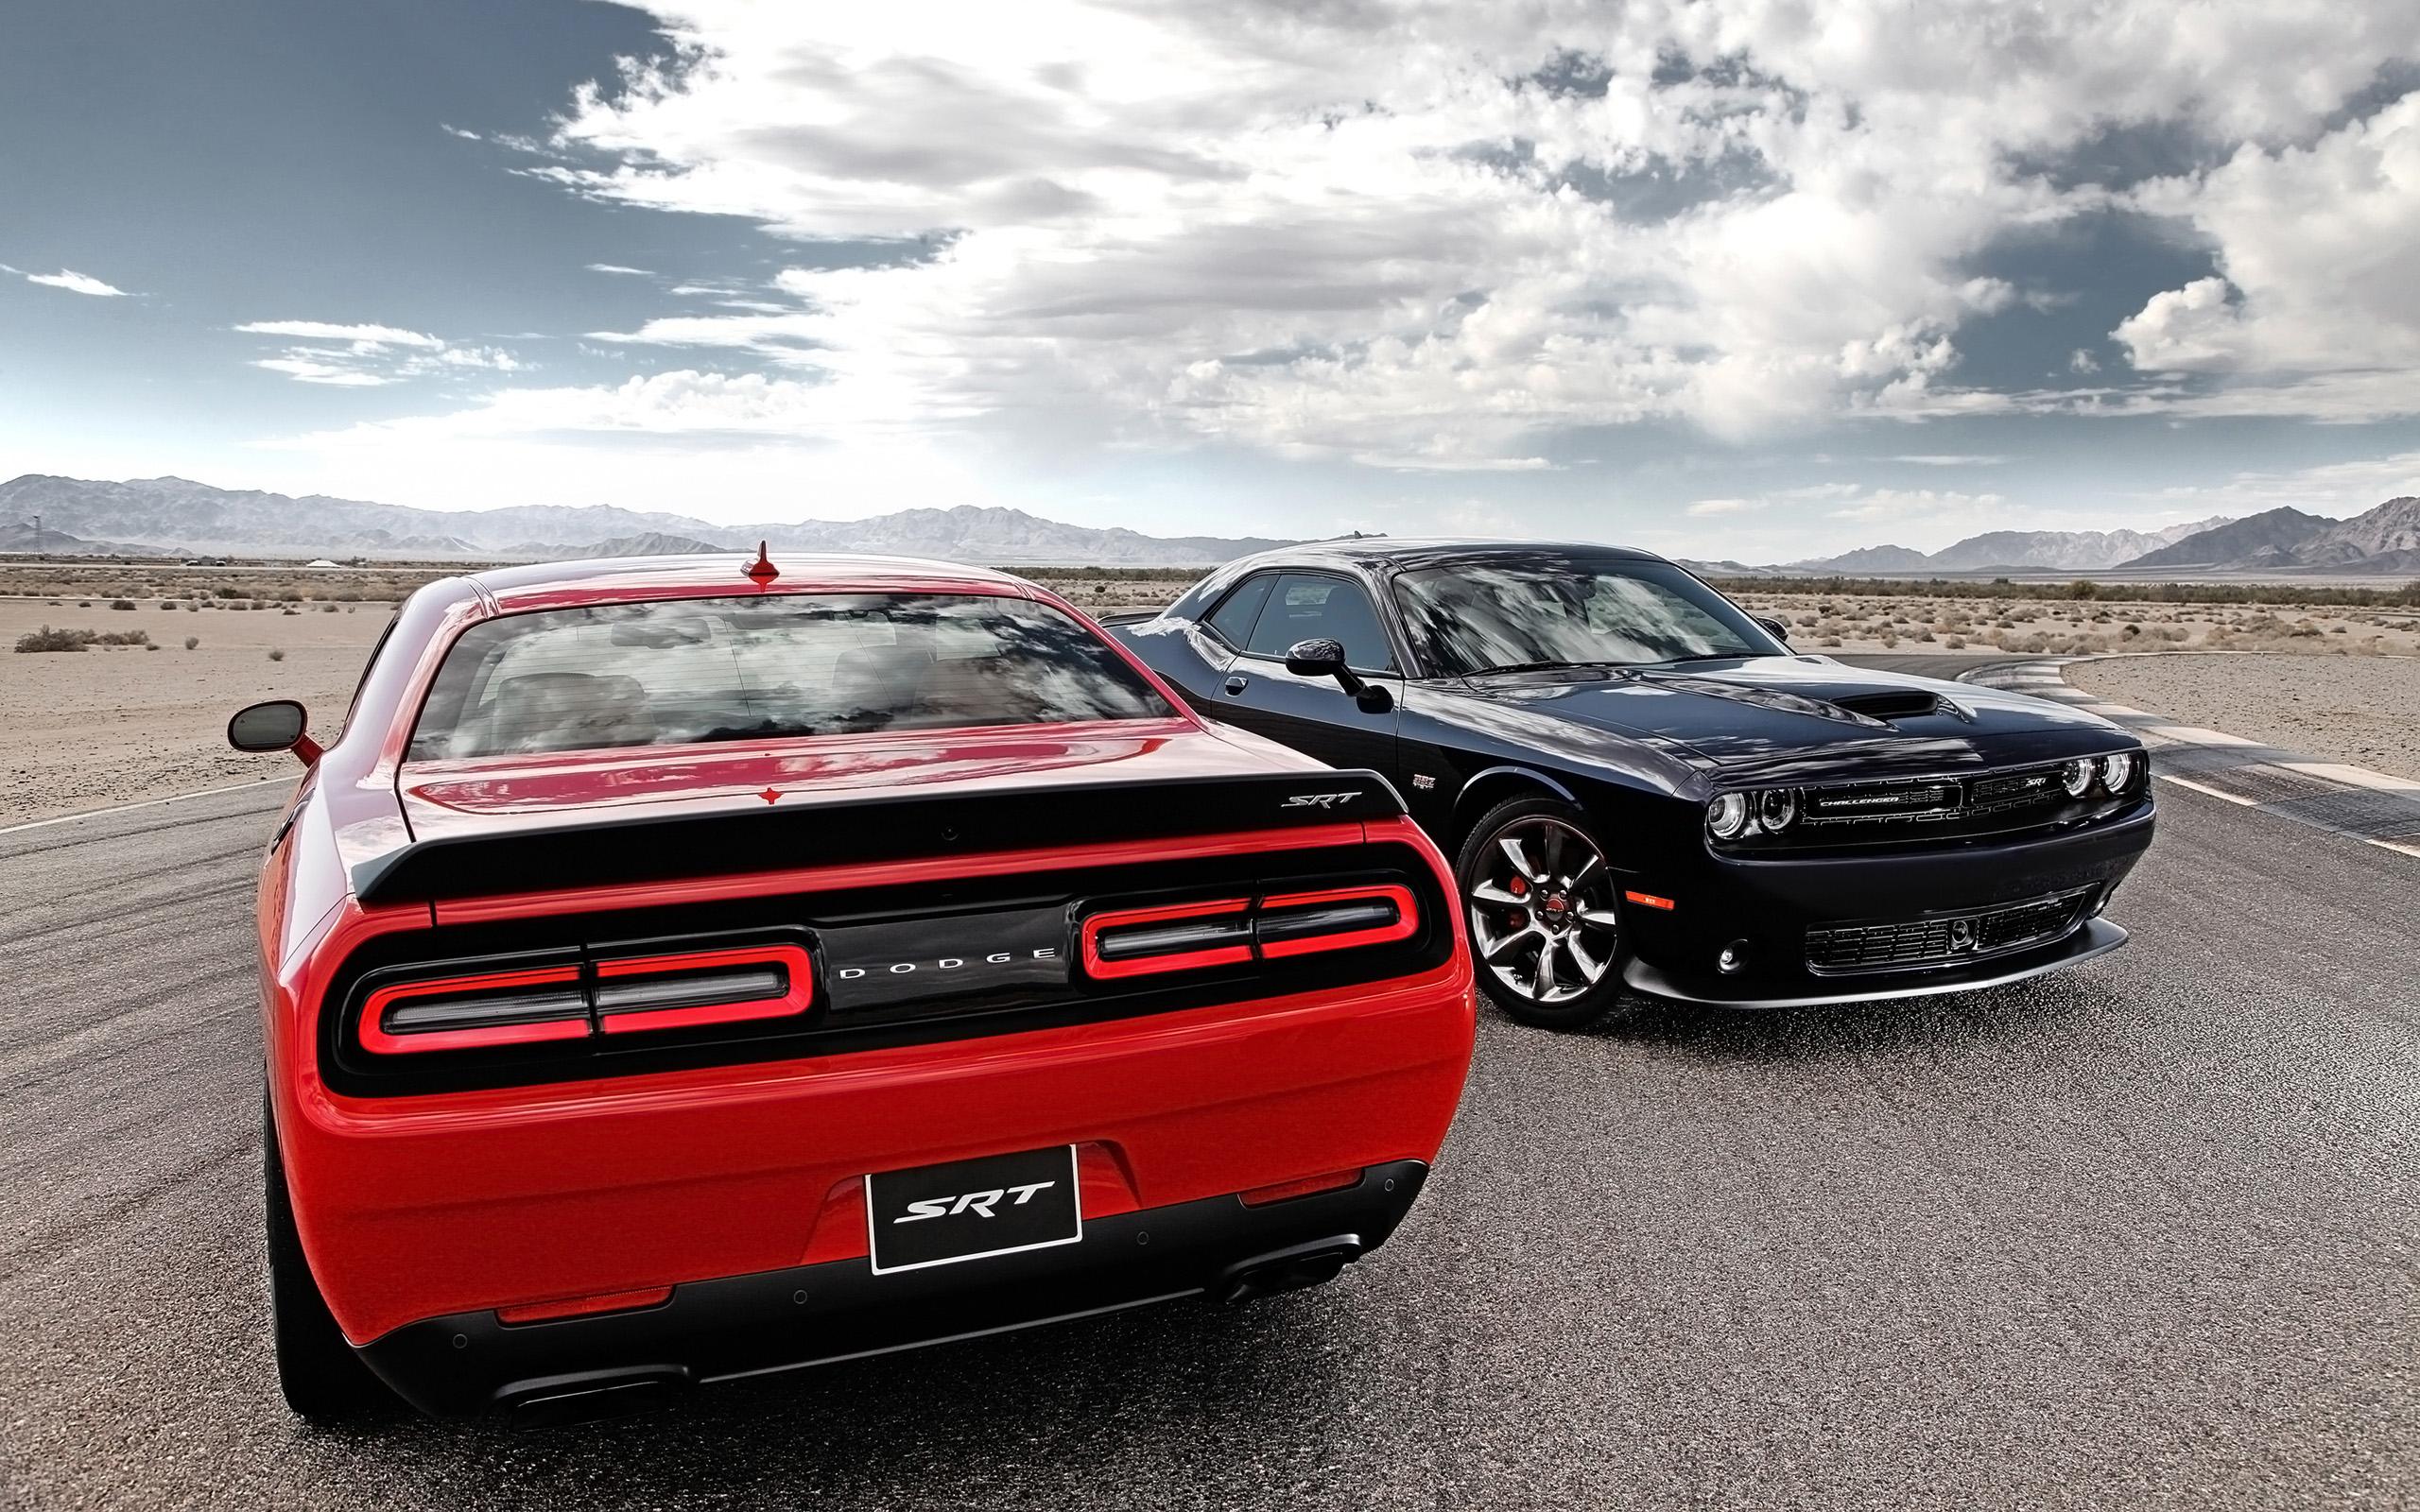 2015 Dodge Challenger SRT Cars Wallpaper HD Car Wallpapers 2560x1600